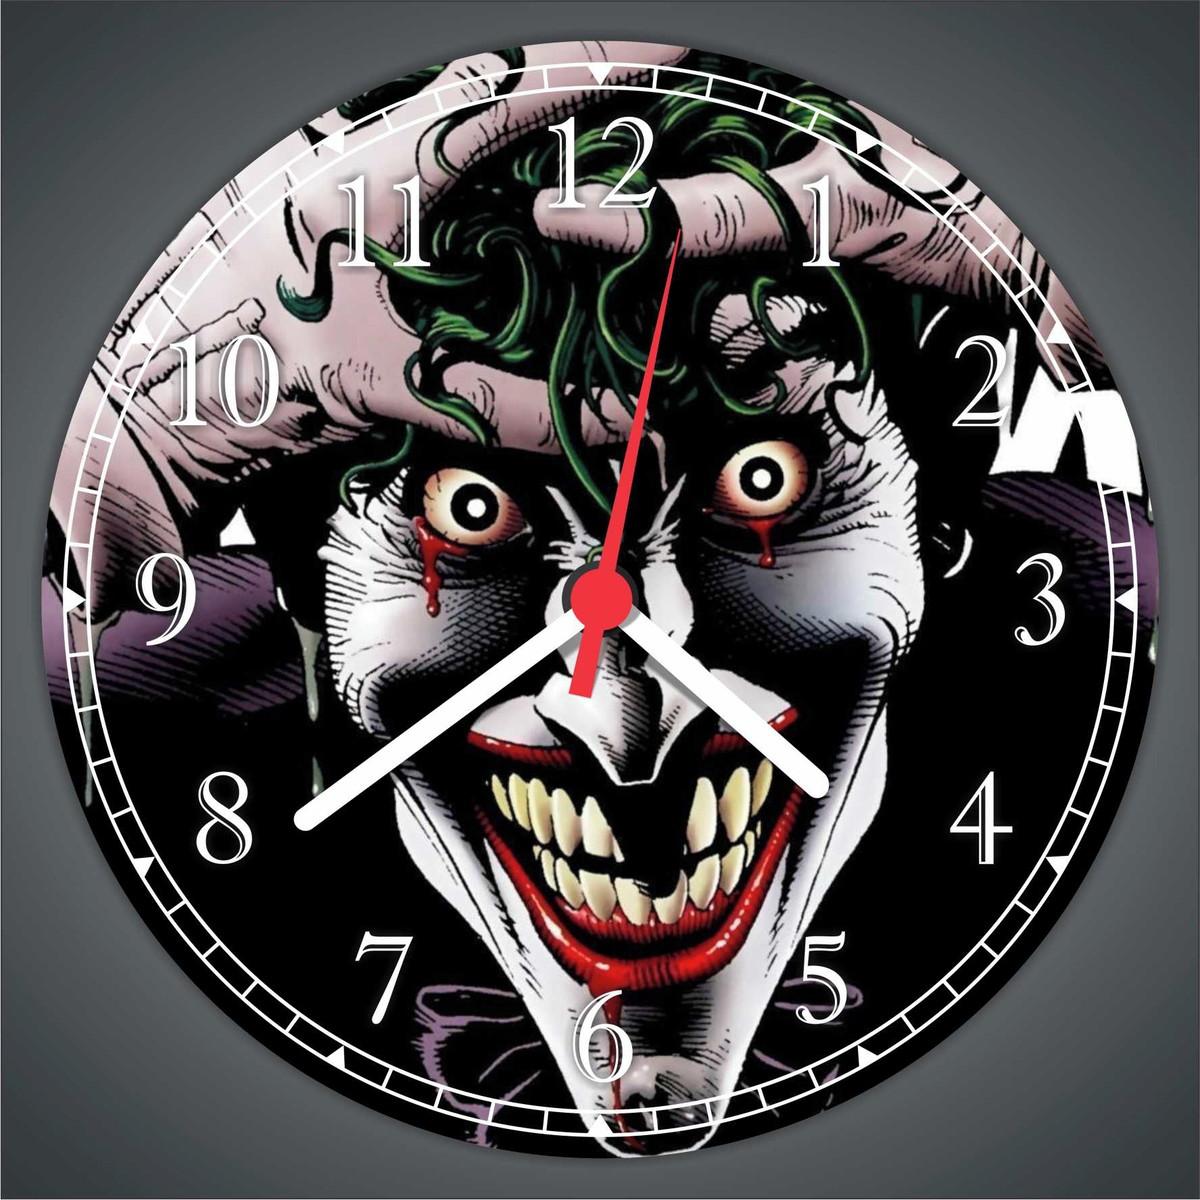 Relogio De Parede Batman Coringa Joker Desenho Quadrinhos No Elo7